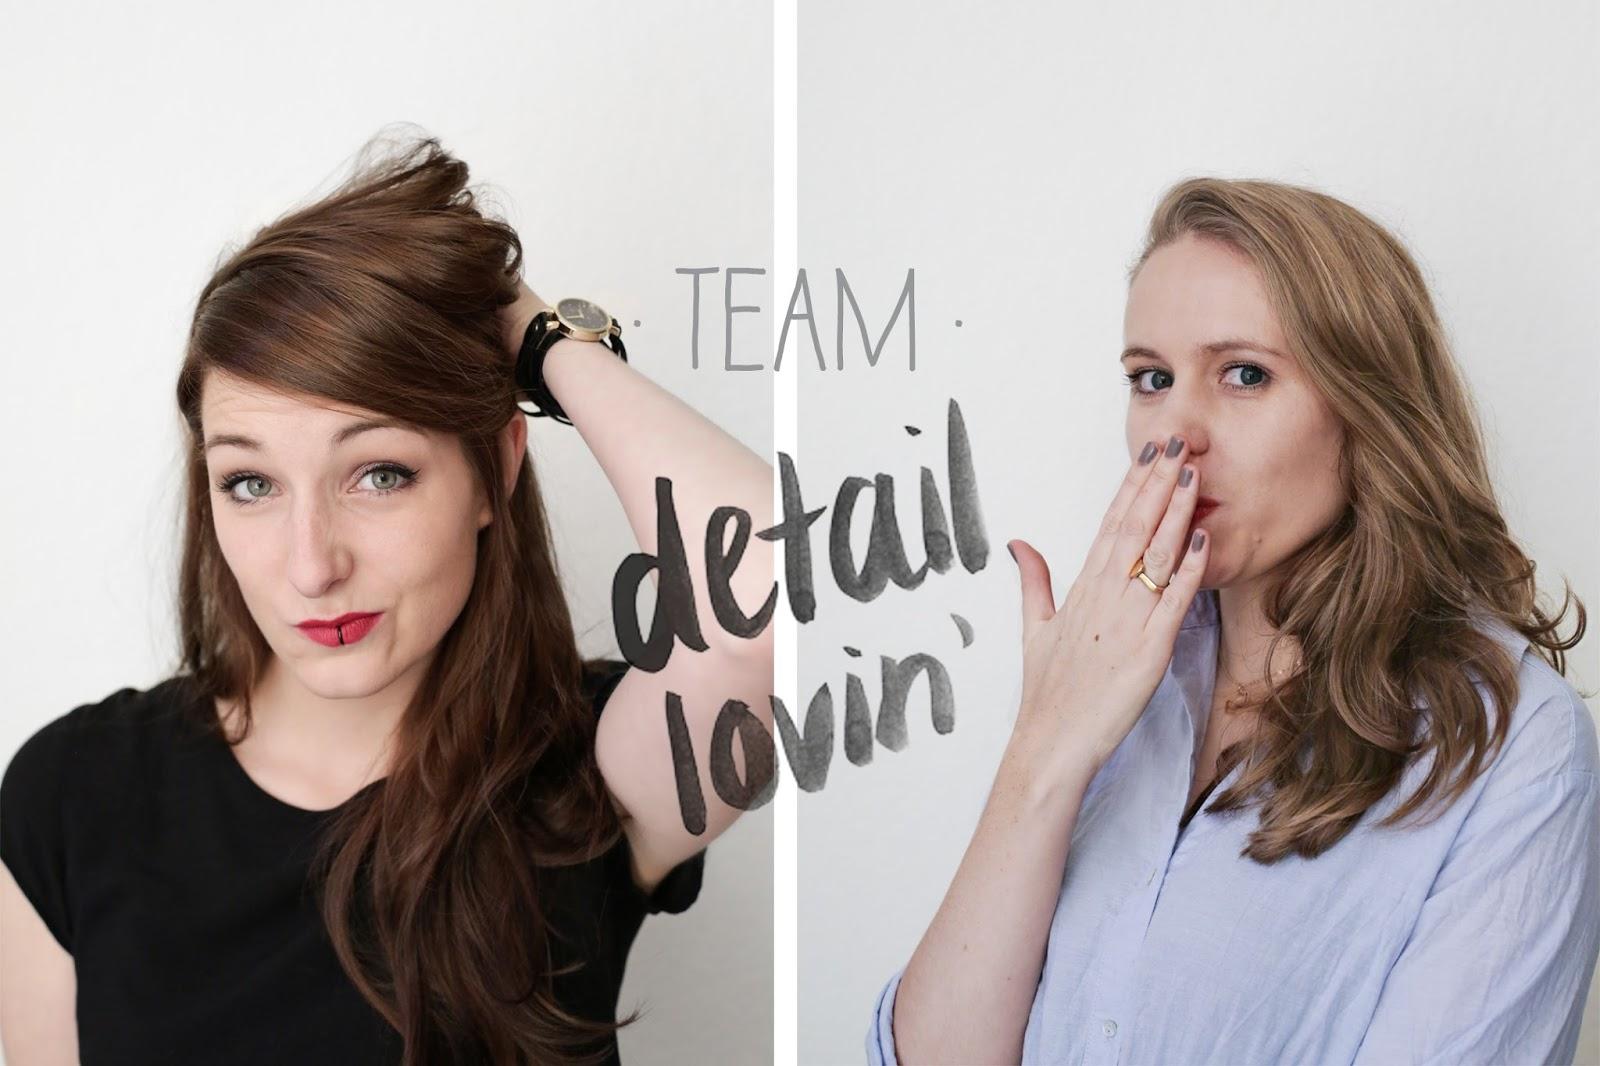 team detail lovin'